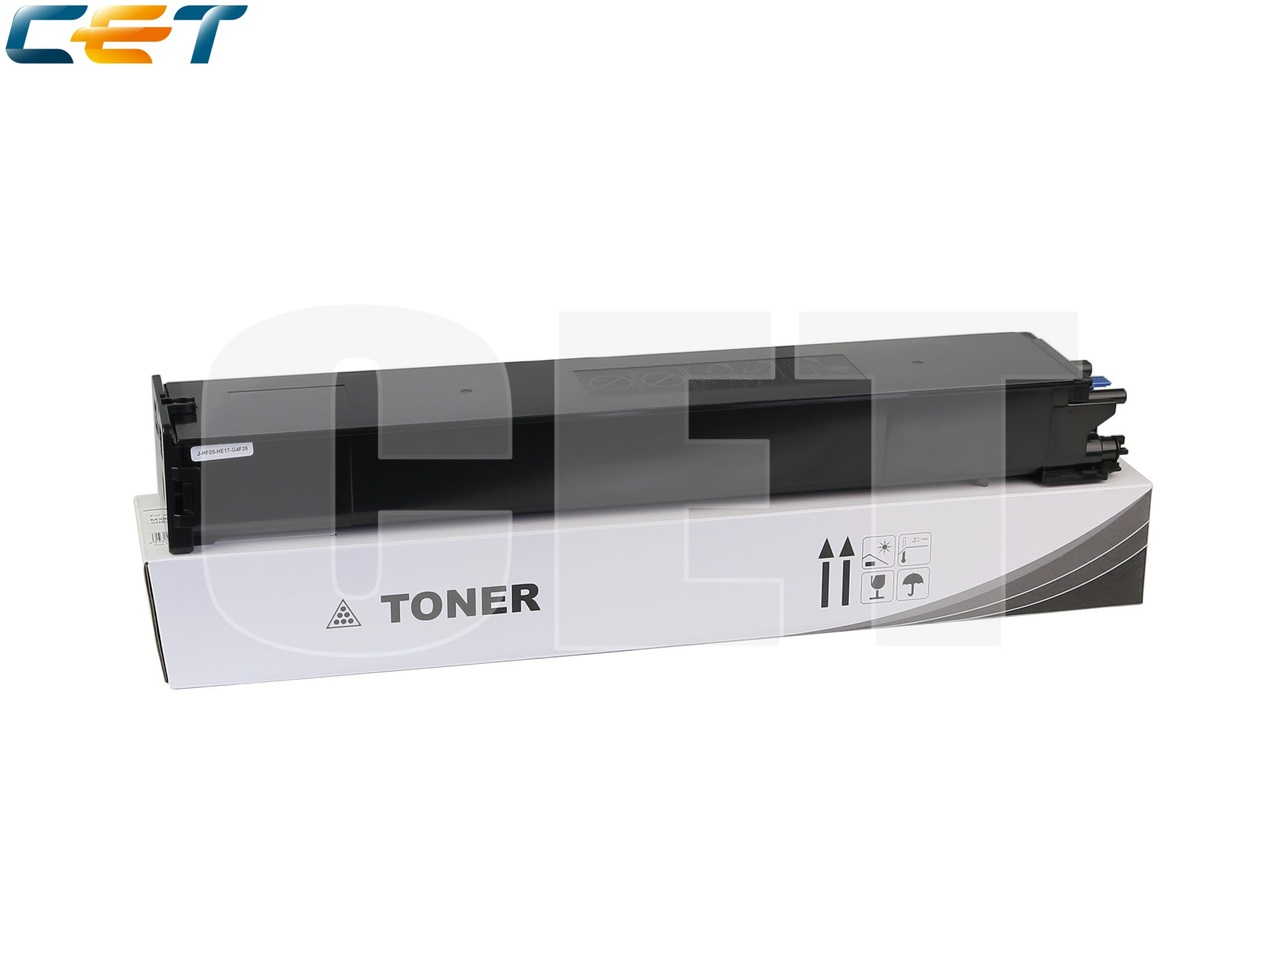 Тонер-картридж (TF9) MX-60GTBA для SHARPMX-3050N/4050N/4070N/5070N (CET) Black, 872г, 40000 стр.,CET141242